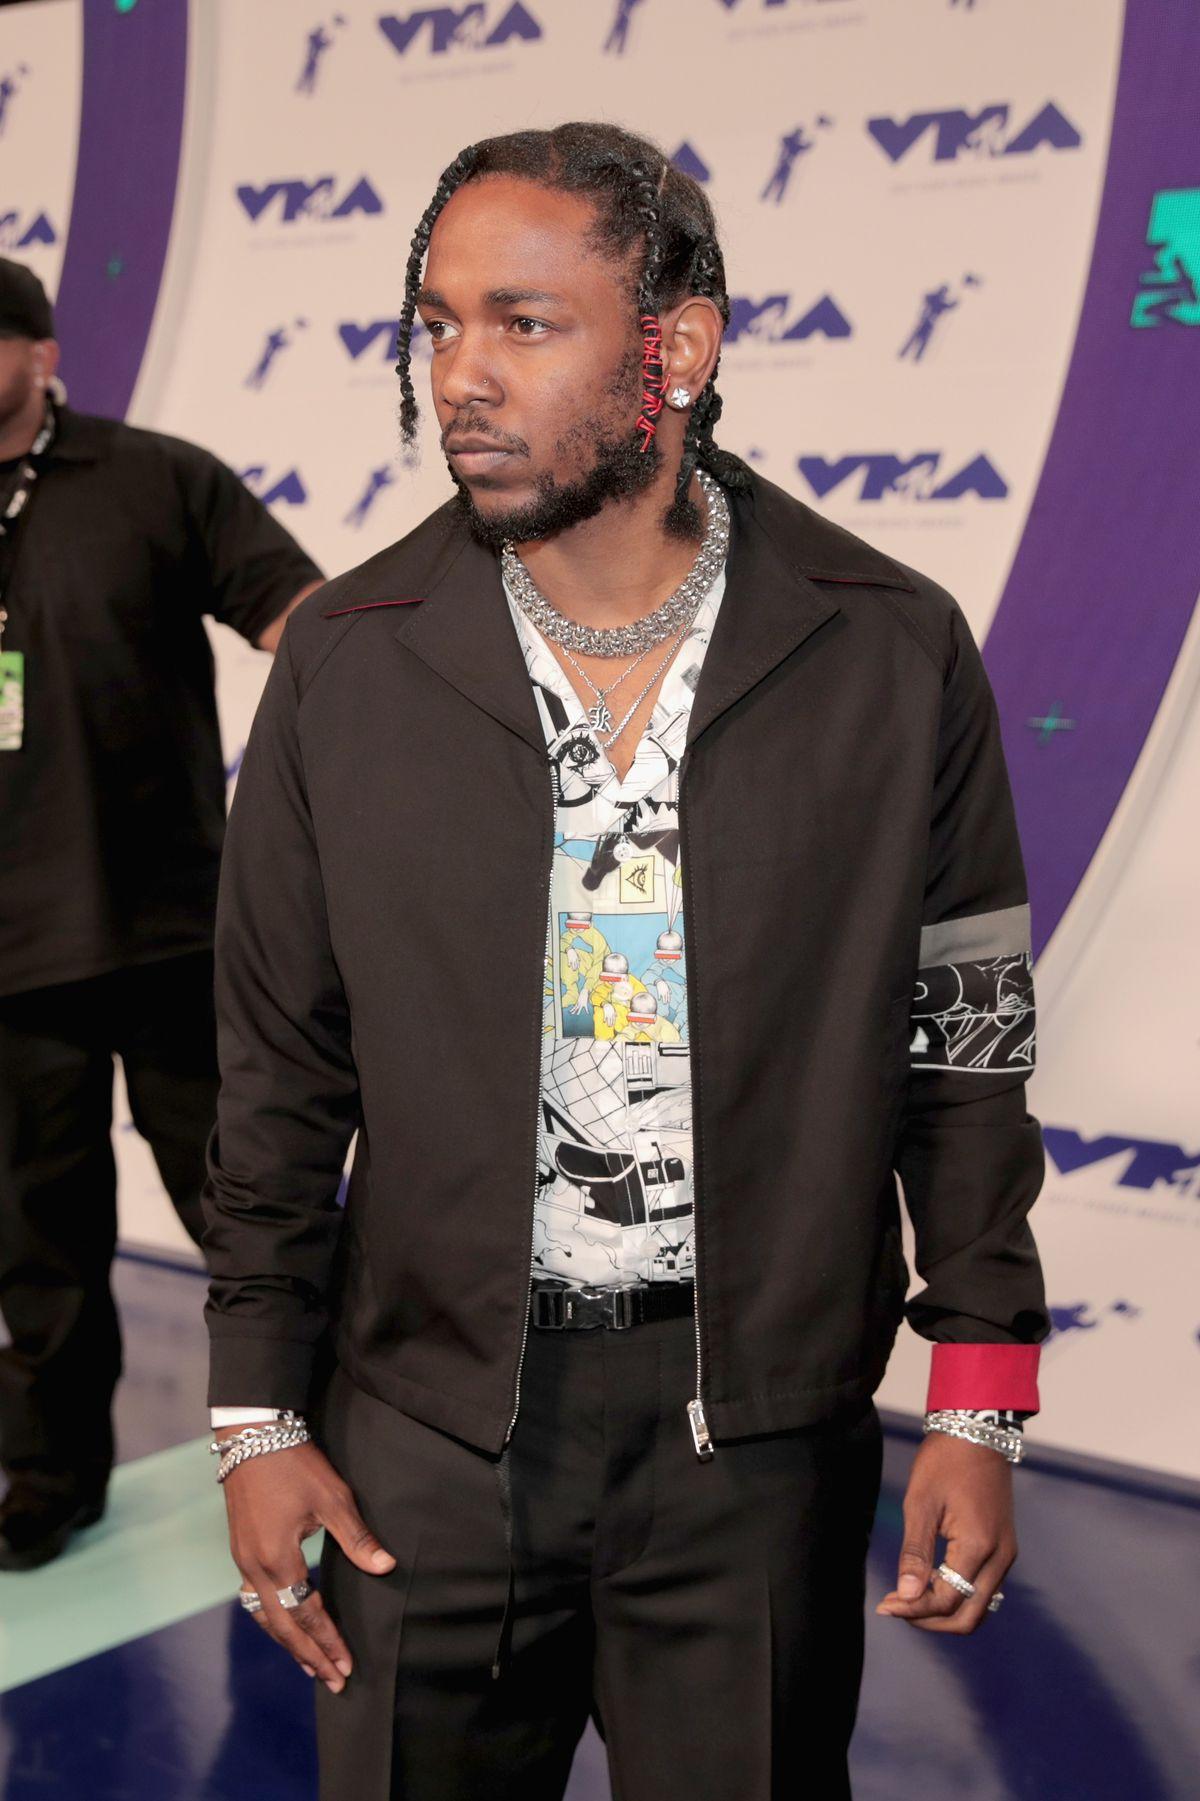 Kendrick Lamar at the MTV VMAs red carpet